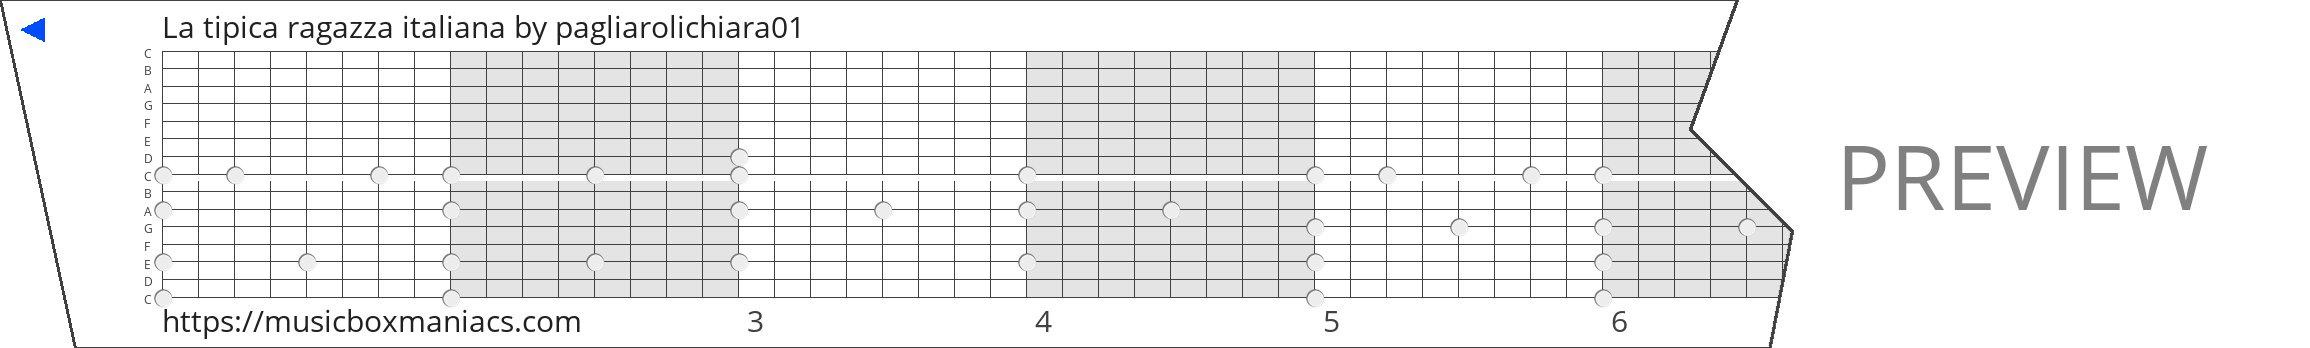 La tipica ragazza italiana 15 note music box paper strip